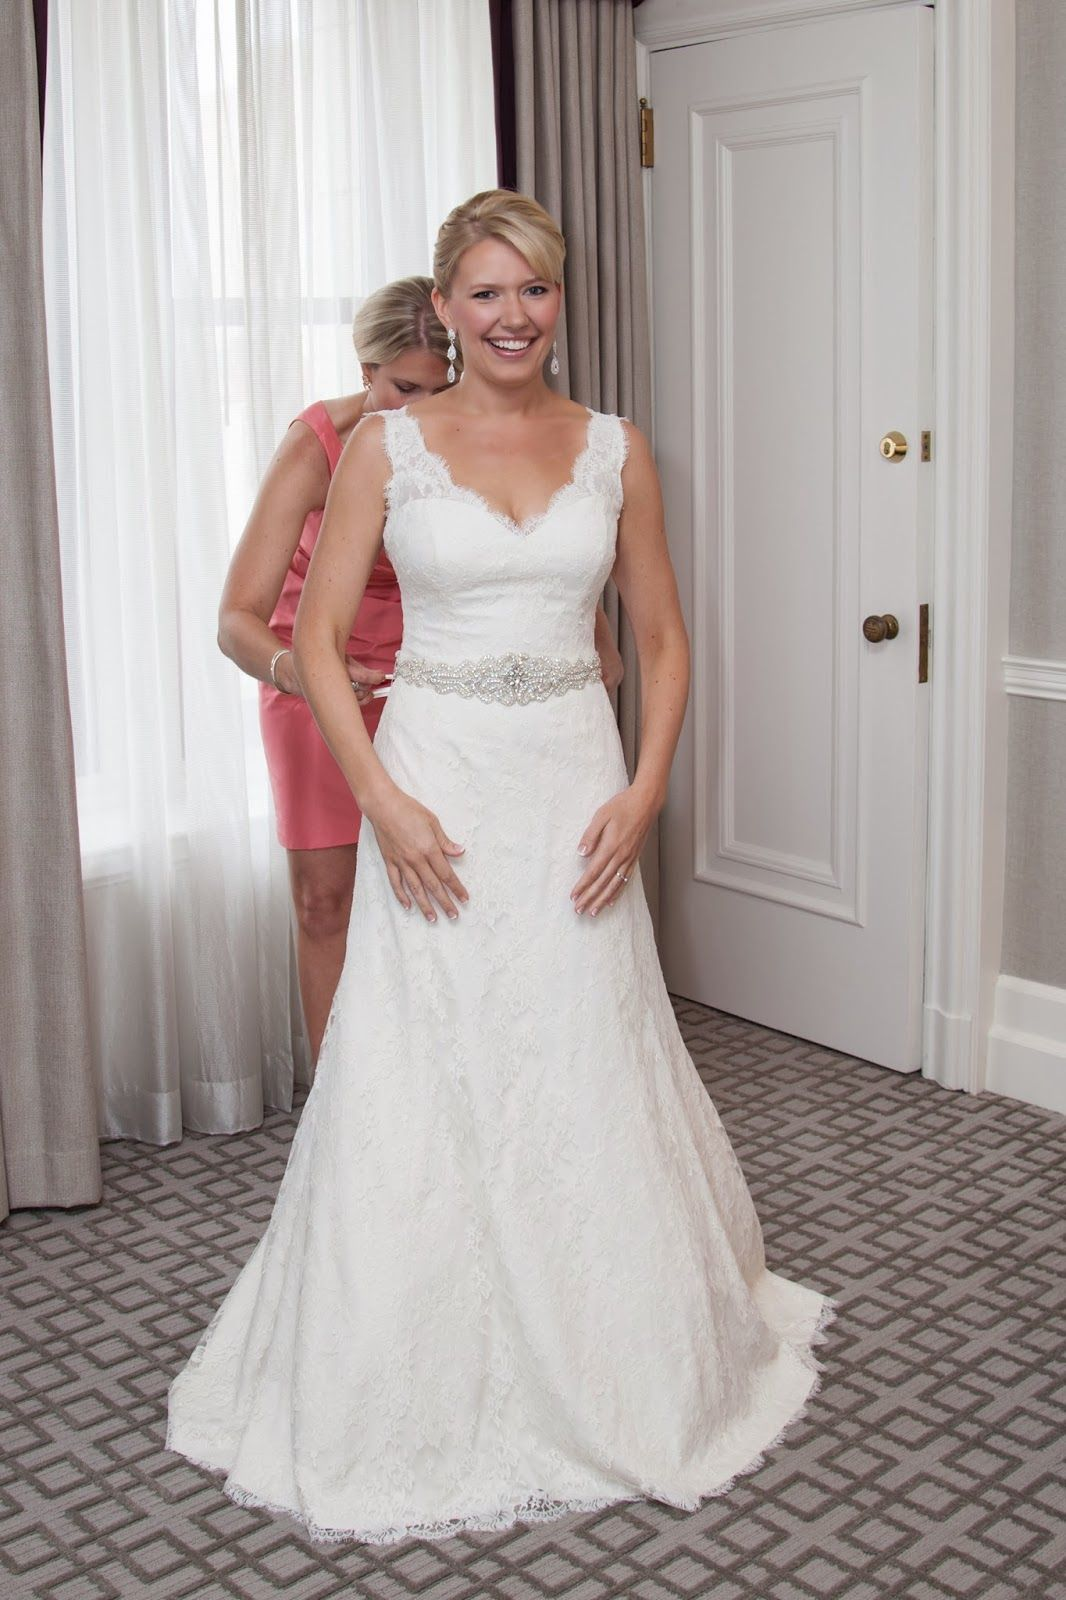 Niedlich Wedding Gown Blog Ideen - Hochzeit Kleid Stile Ideen ...